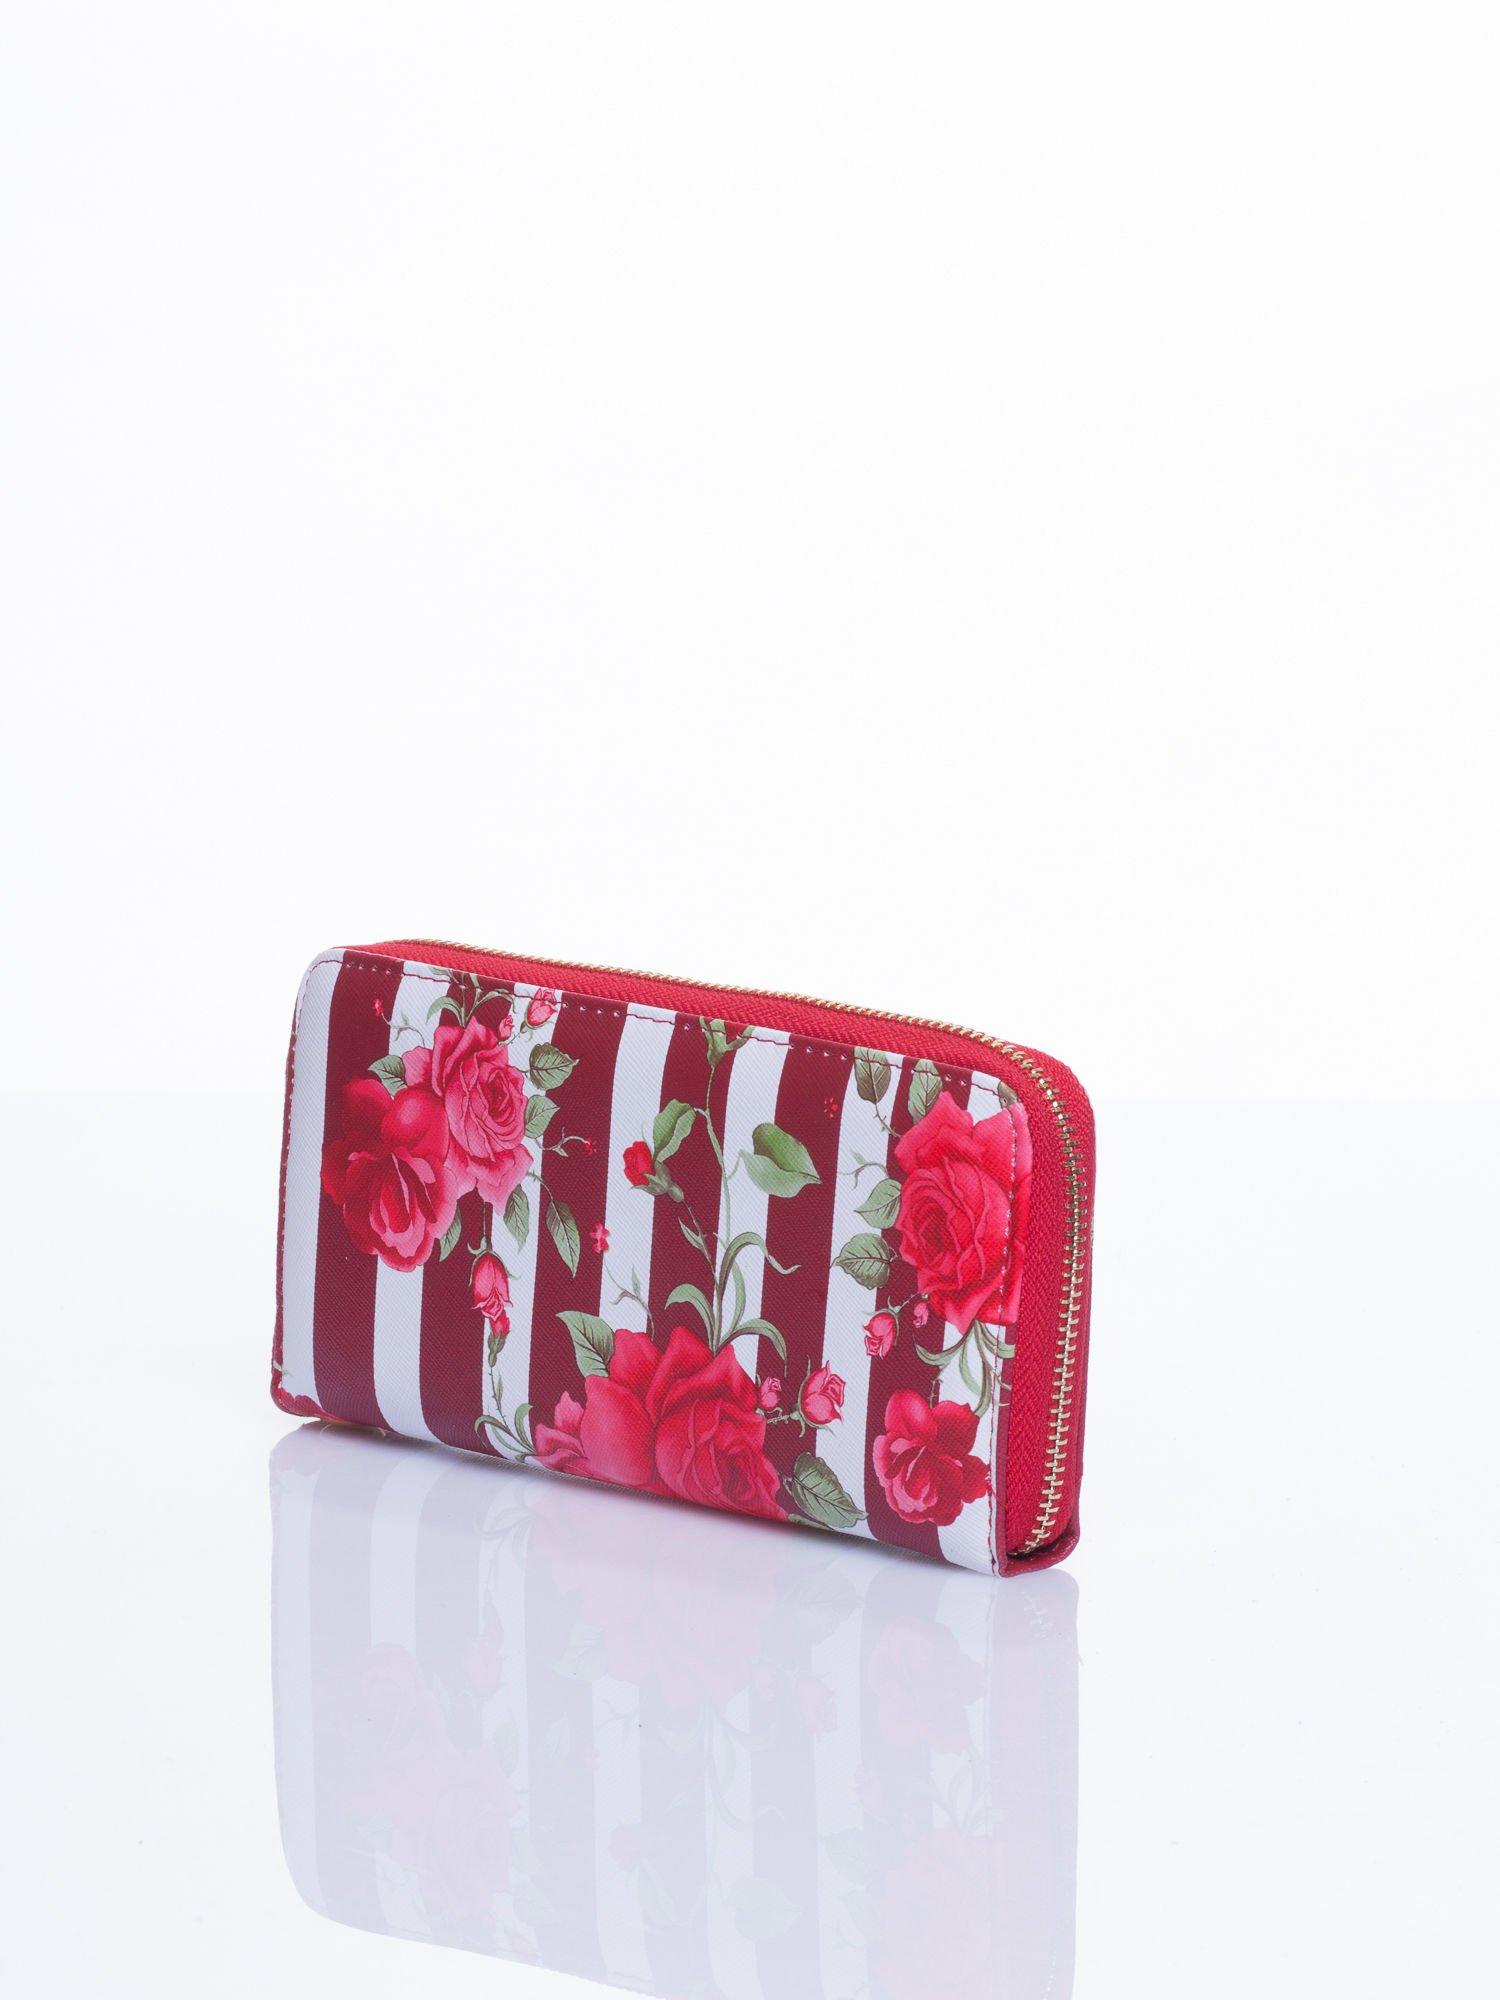 Czerwony portfel w kwiaty efekt saffiano                                  zdj.                                  2